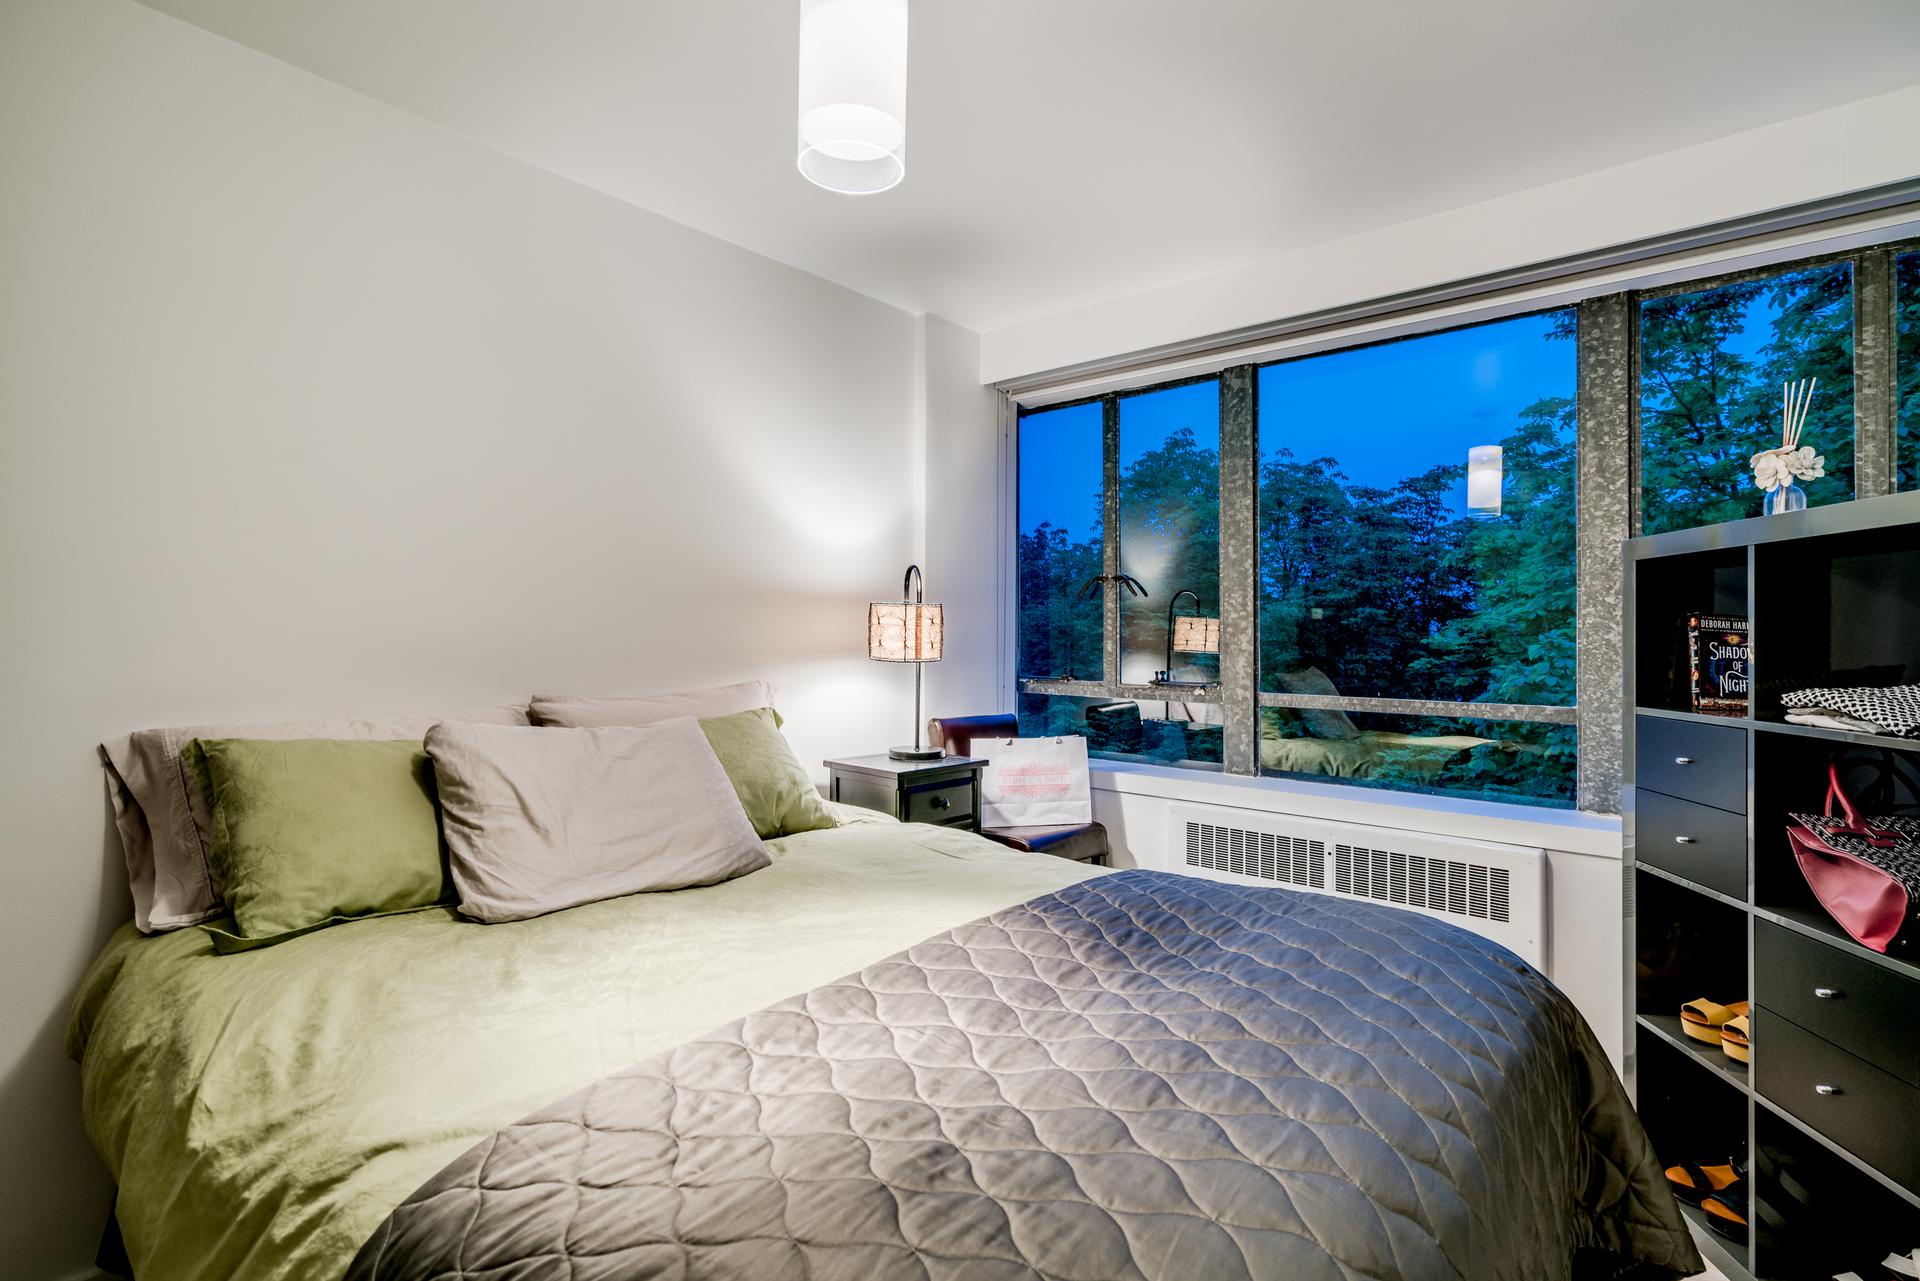 418-1445-marpole-avenue-360hometours-11 at 418 - 1445 Marpole Avenue, Fairview VW, Vancouver West